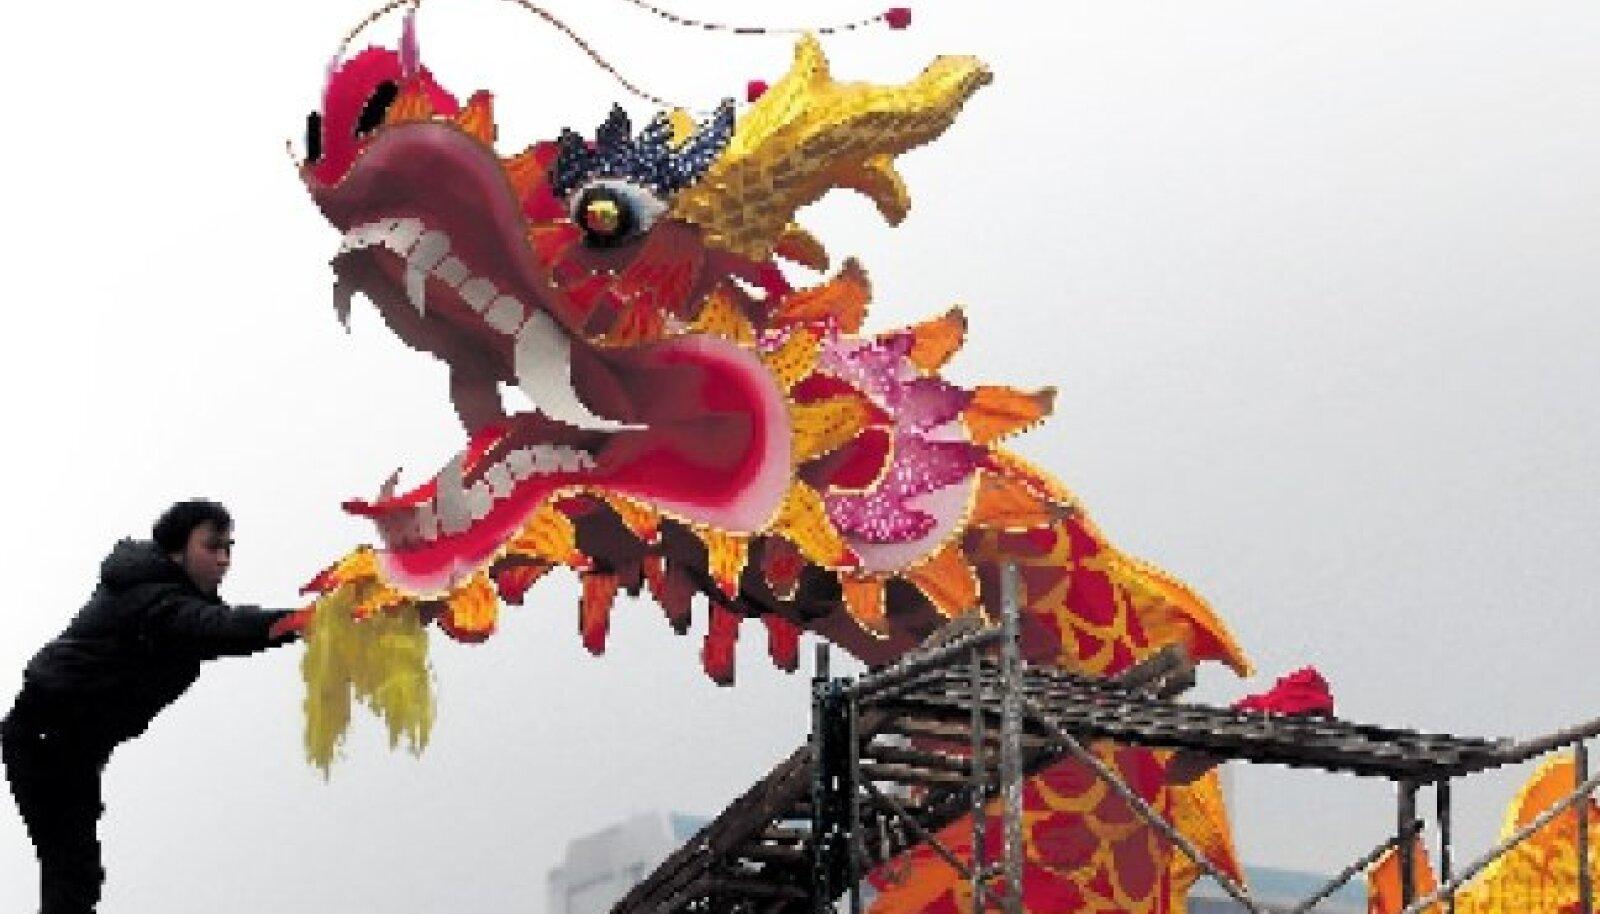 Hiina draakon